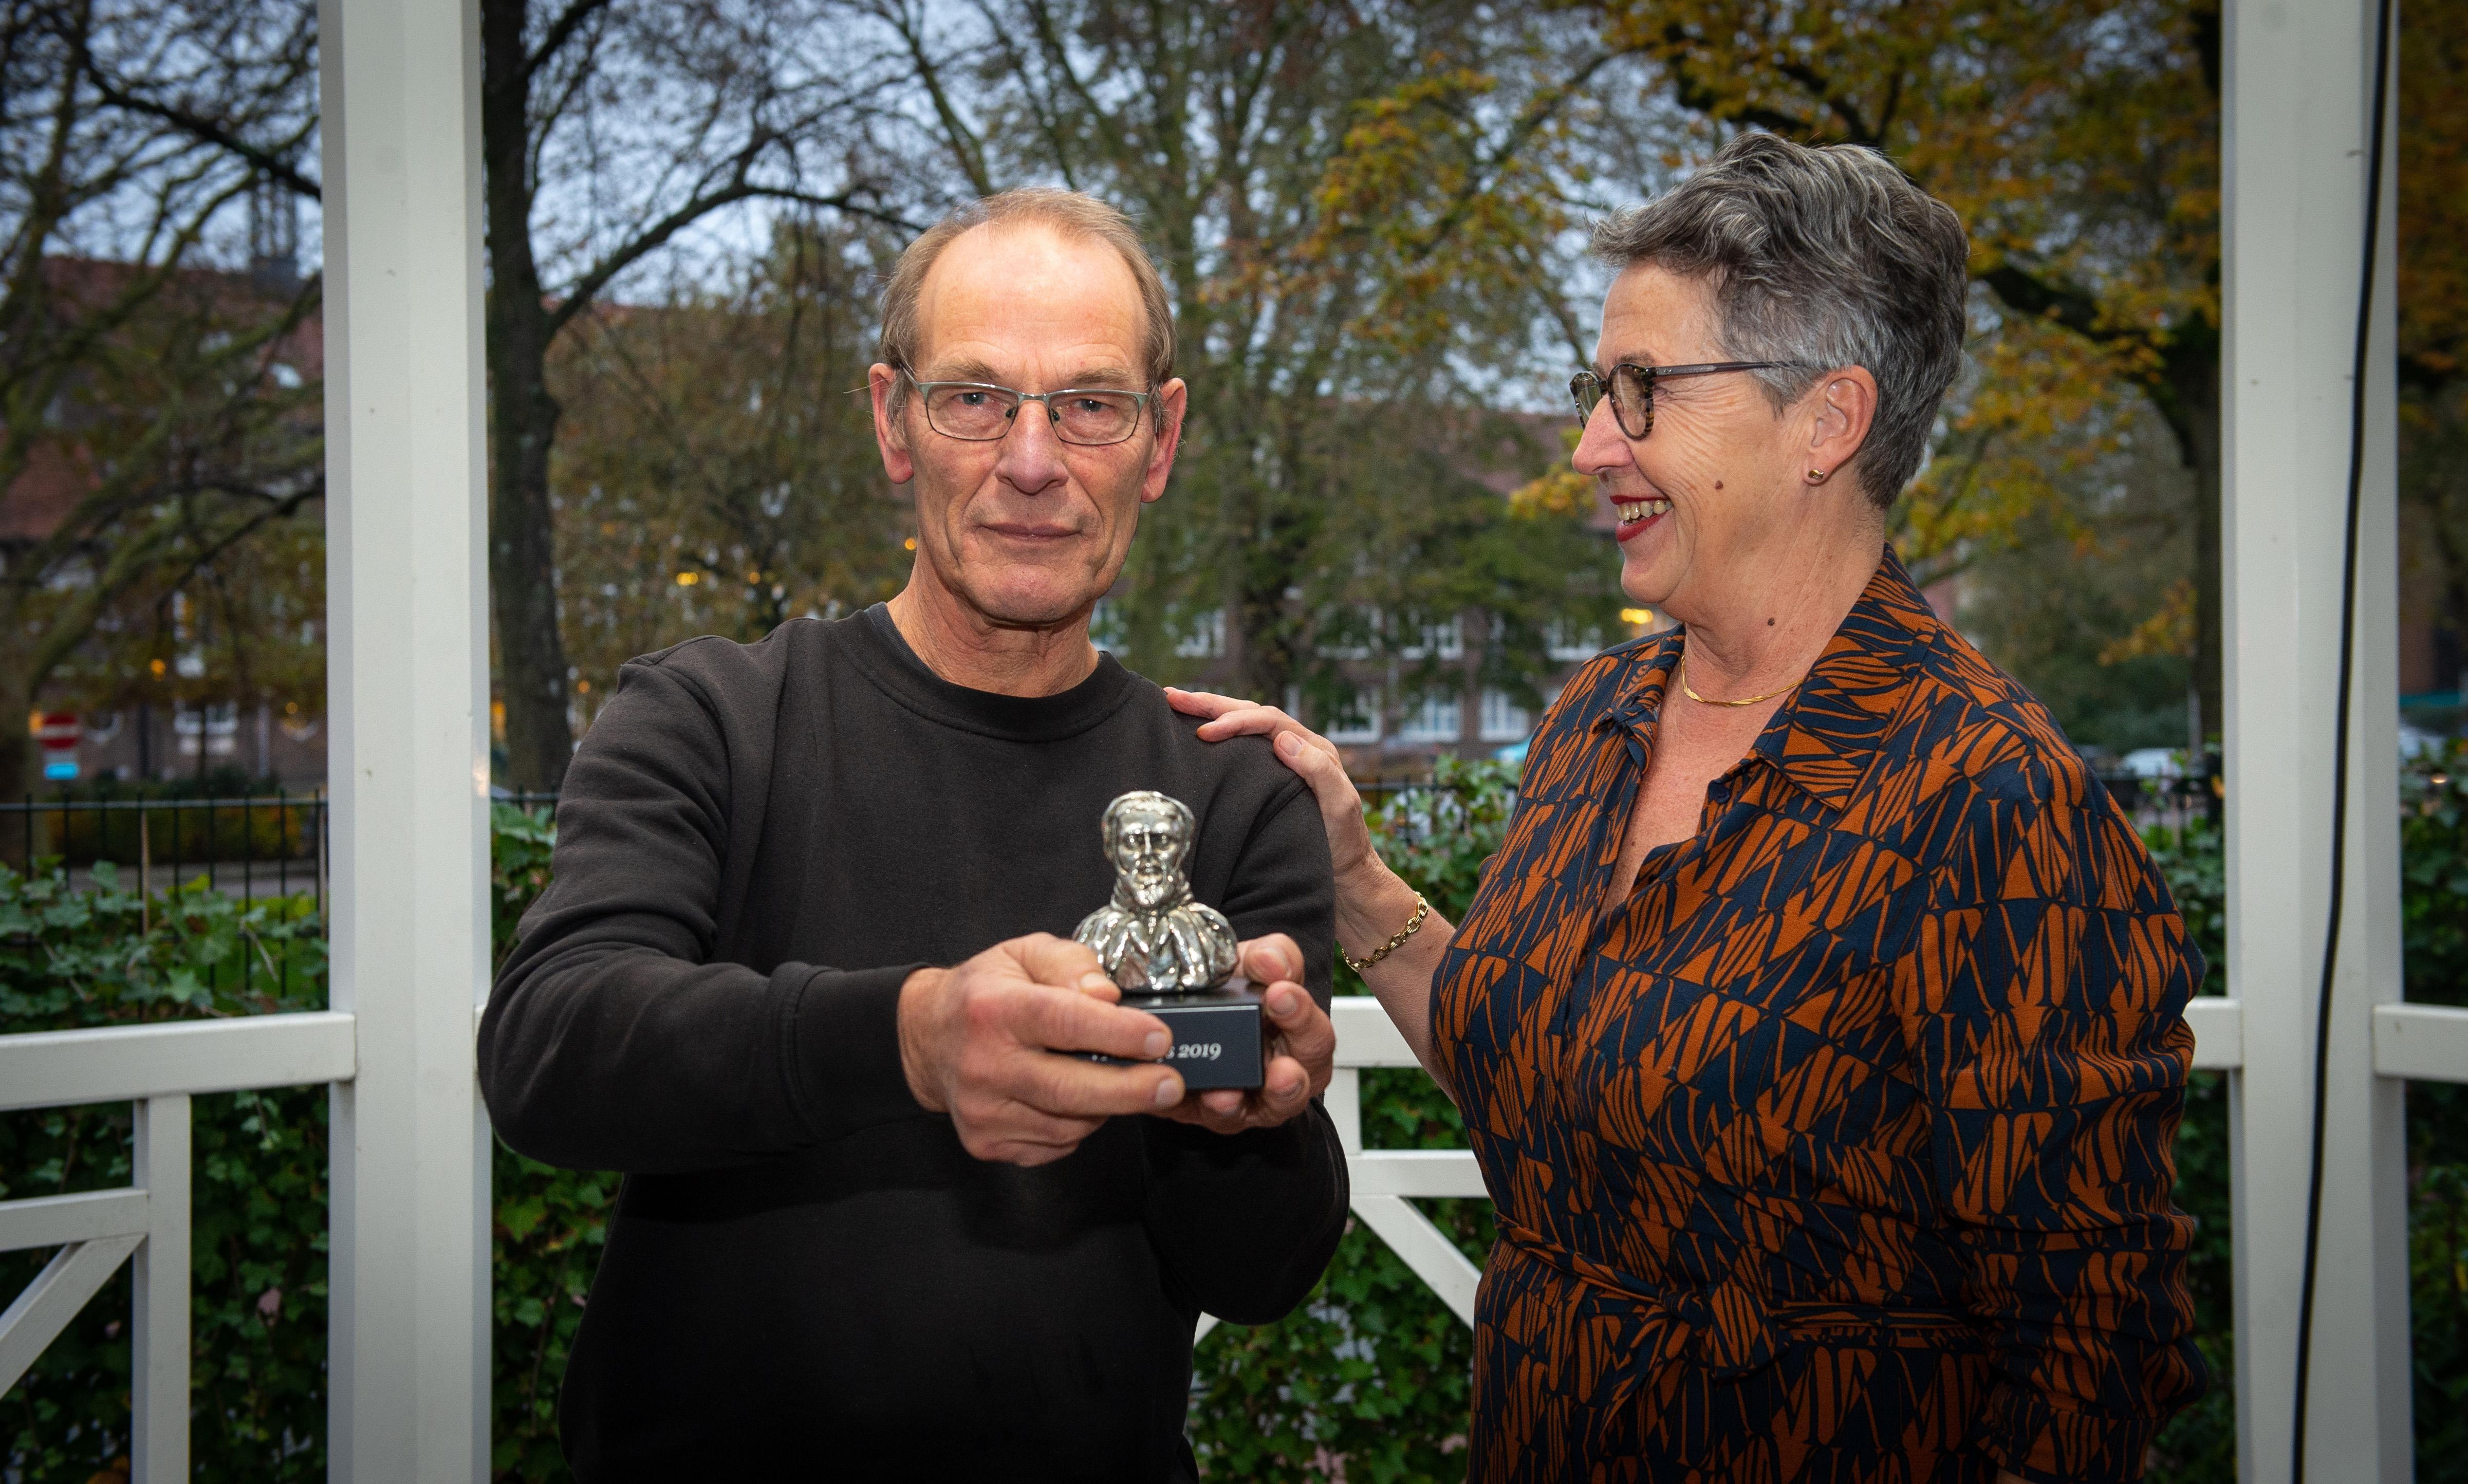 Historische prijs voor bescheiden Klaas Kwadijk - Noordhollands Dagblad